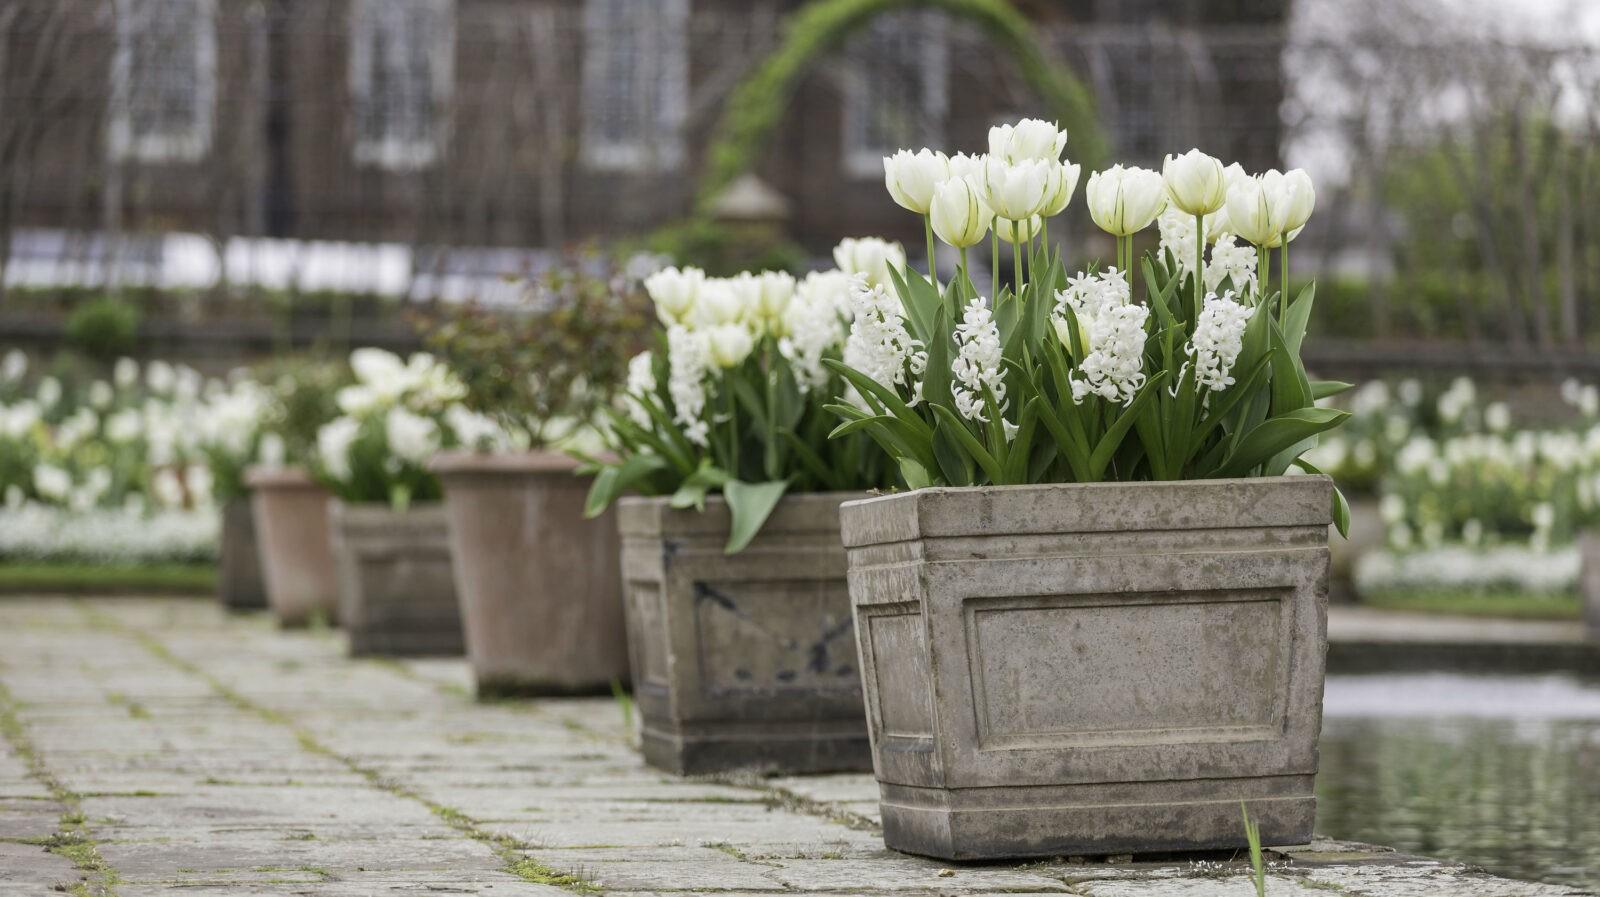 A Princess Diana Memorial Garden Has Opened At Kensington Palace